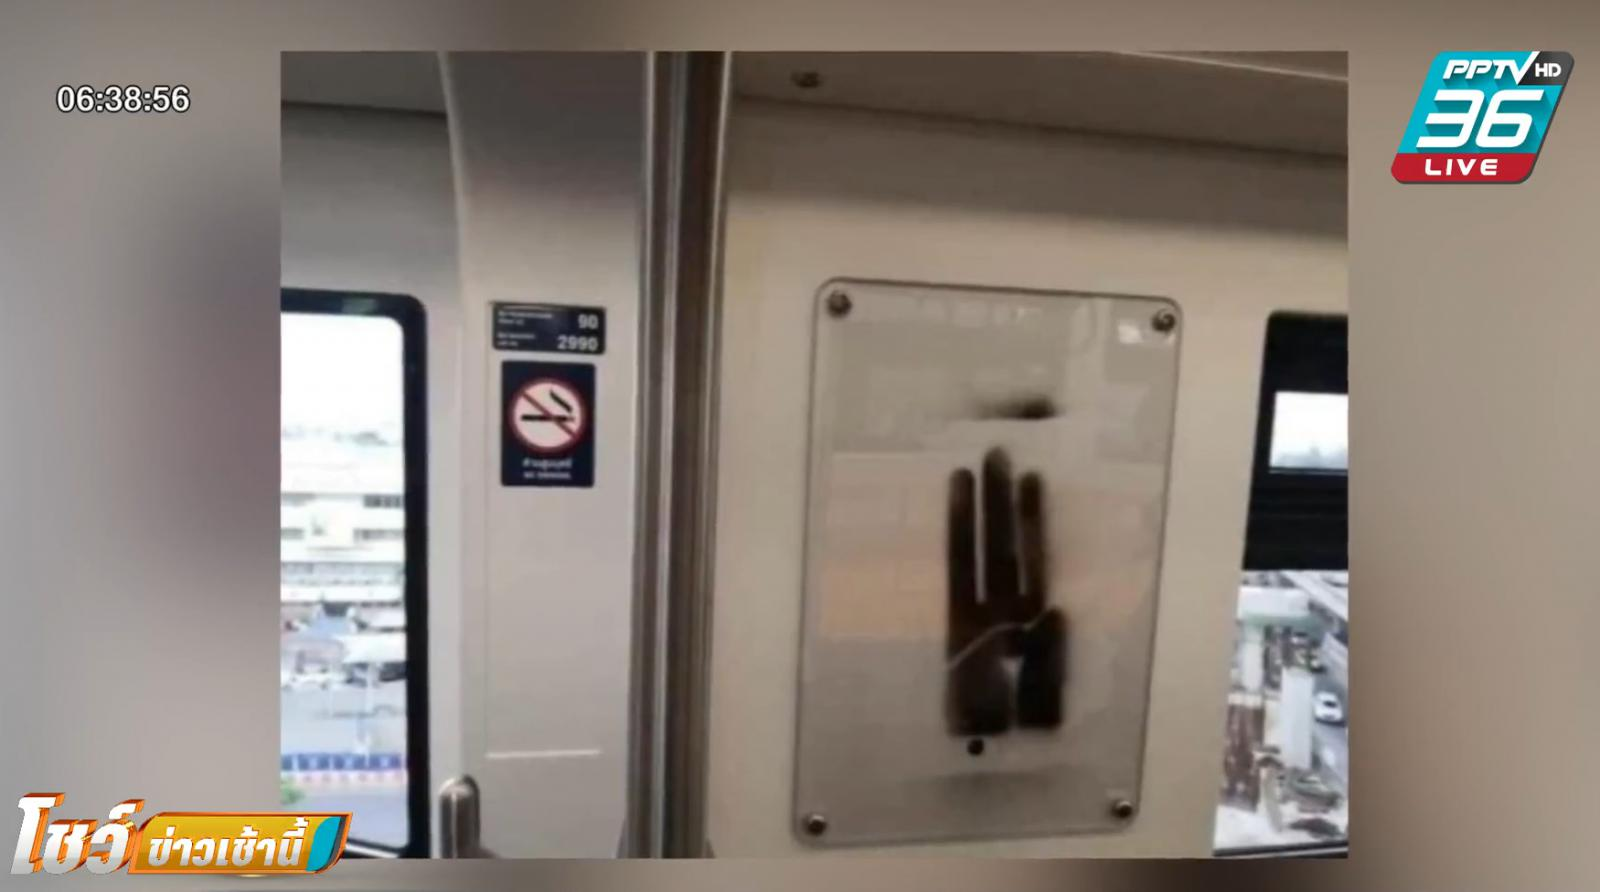 มือดีพ่นสี ภาพ 3 นิ้วบนรถไฟฟ้า